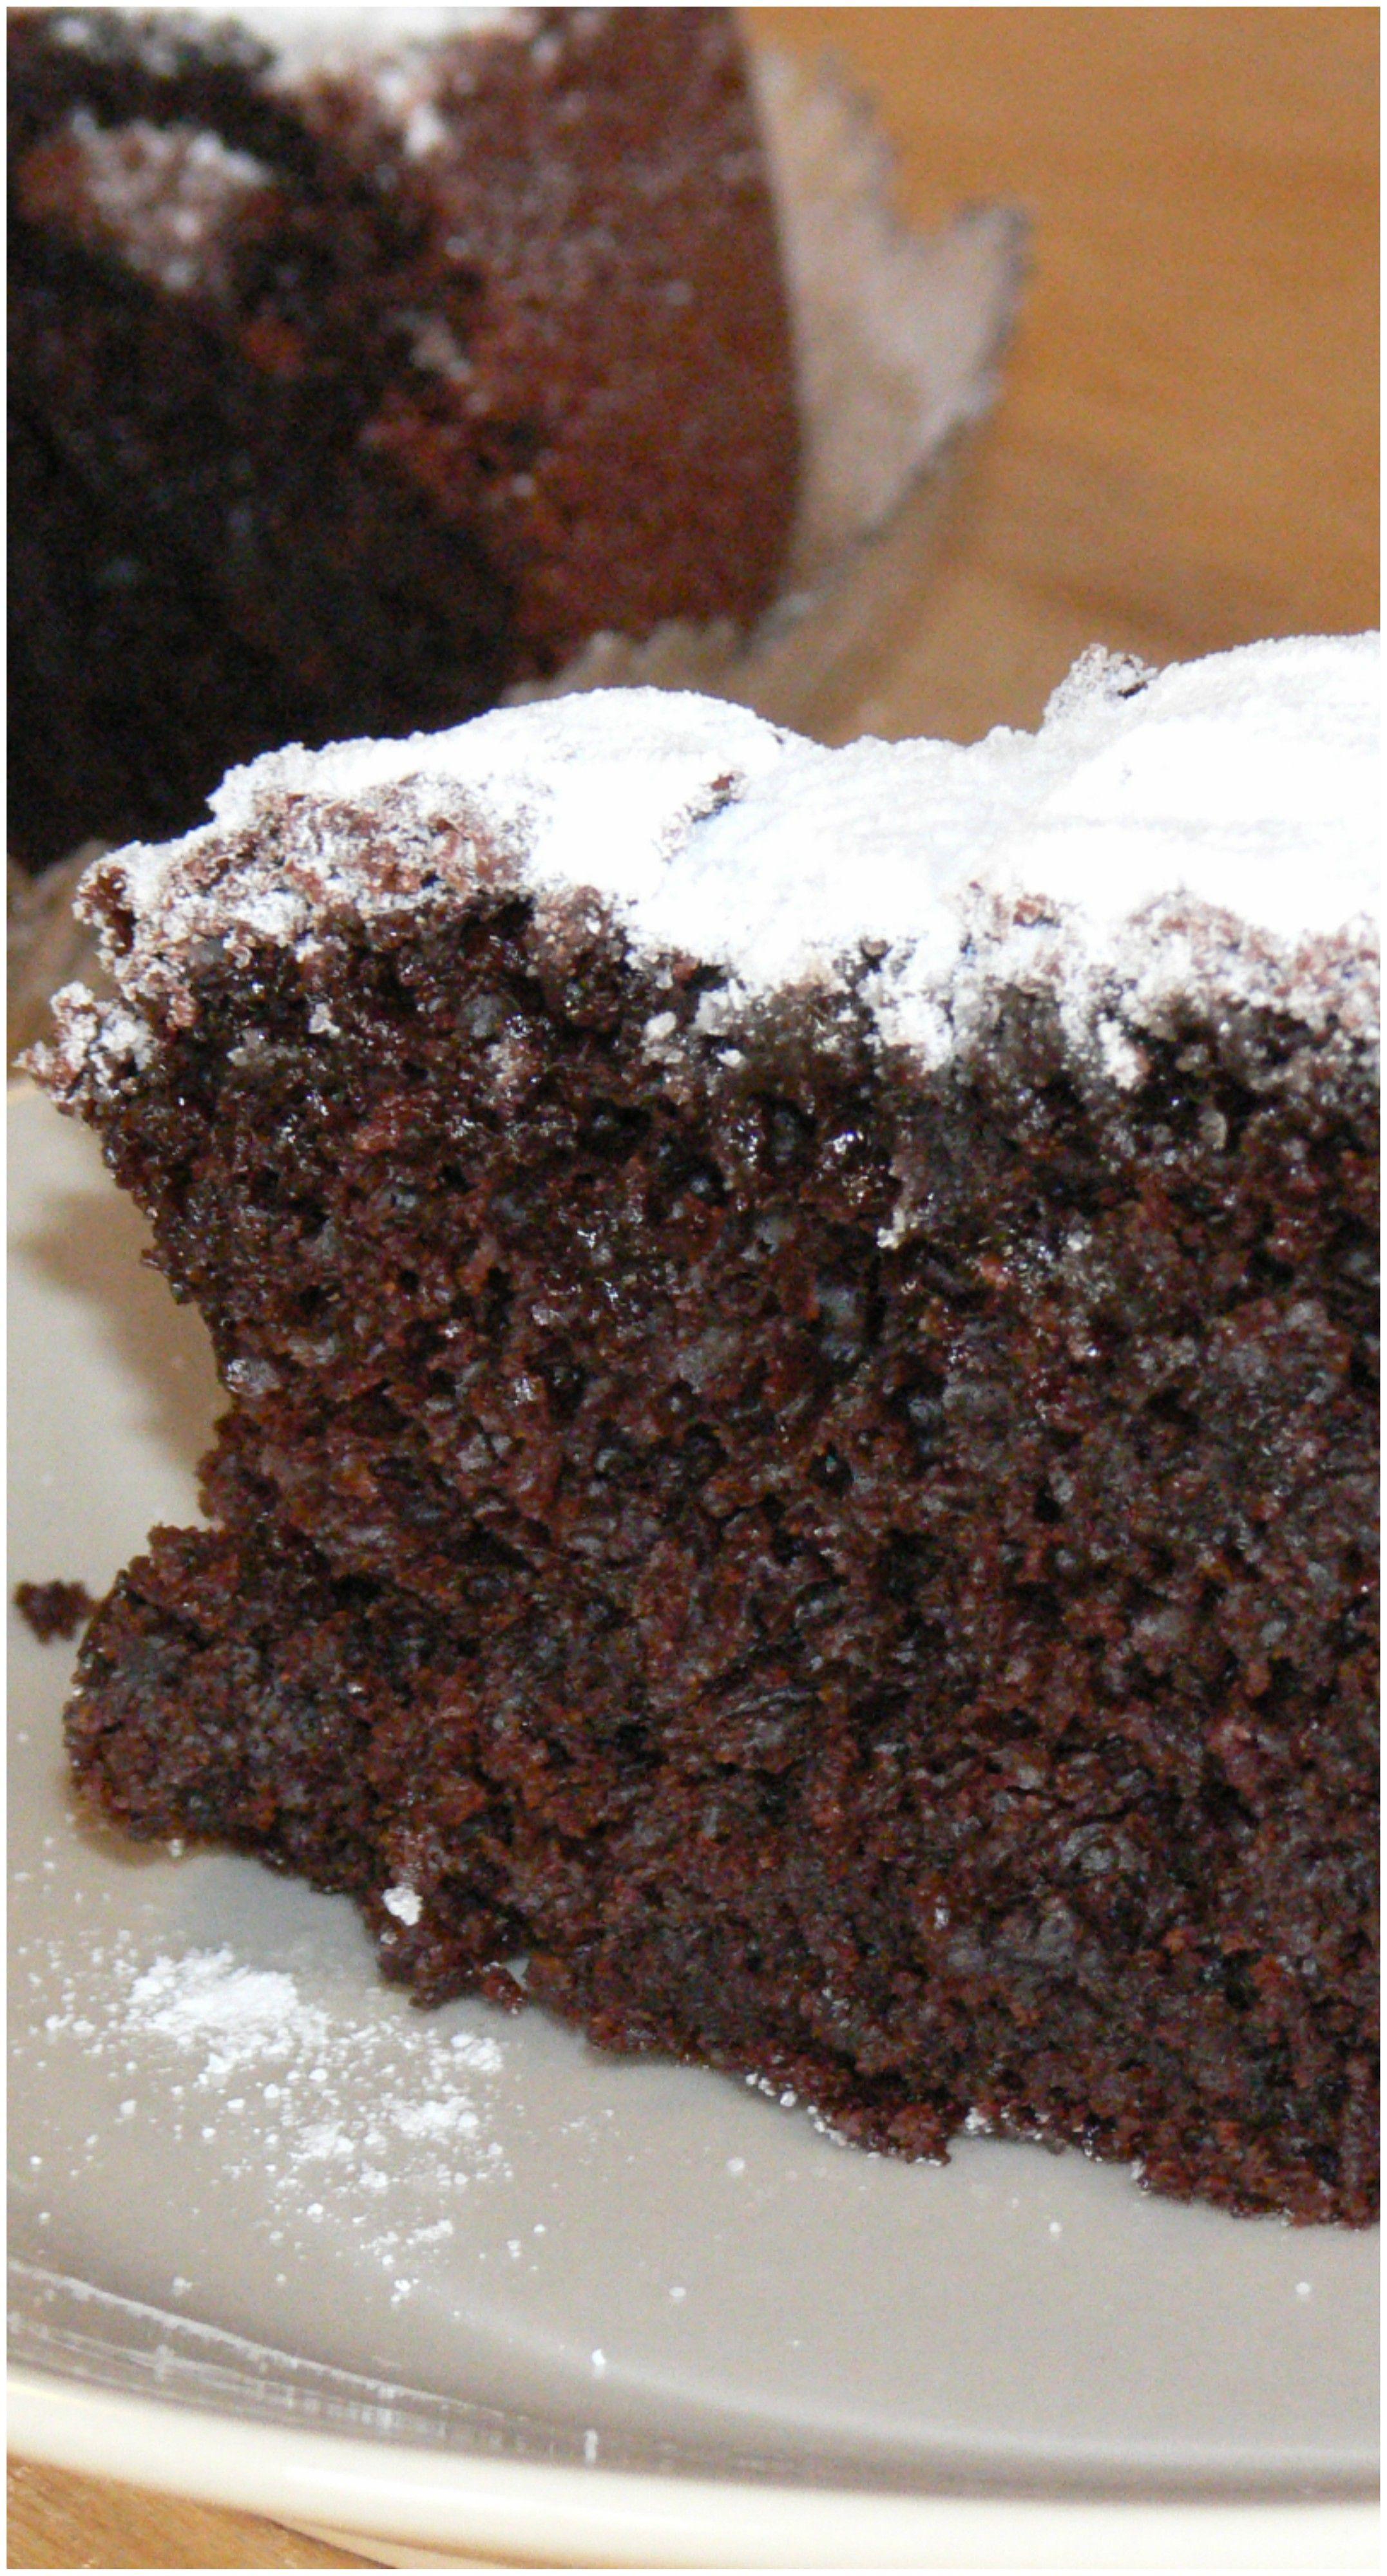 Ricetta Dolci Senza Uova.Torta Al Cacao Morbidissima Senza Uova Ricetta Torte Ricette Dolci Idee